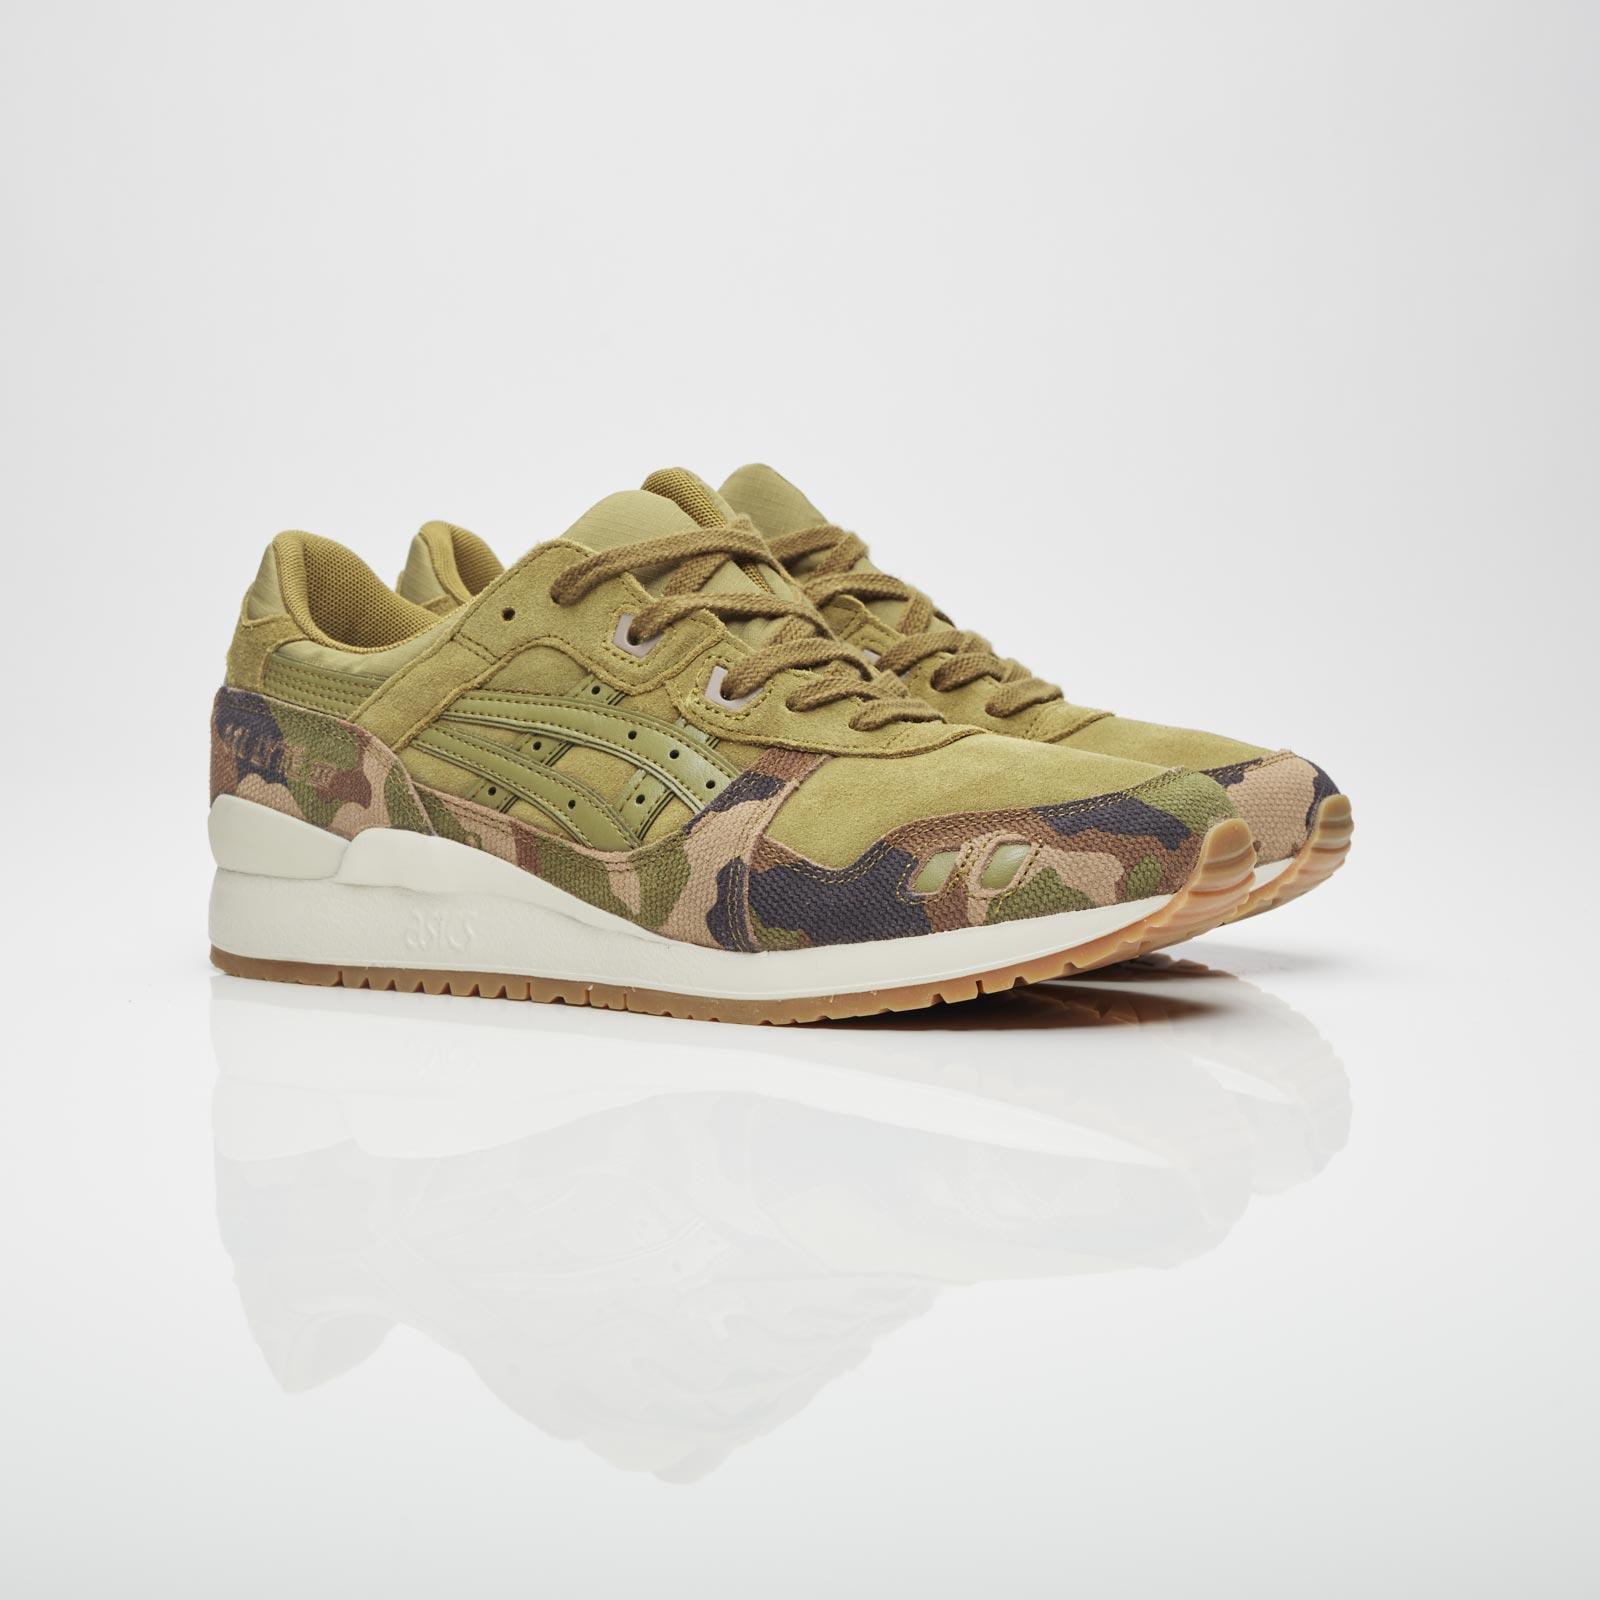 60b296462ecd2 ASICS Tiger Gel-Lyte III - Hl7w0-8686 - Sneakersnstuff | sneakers ...